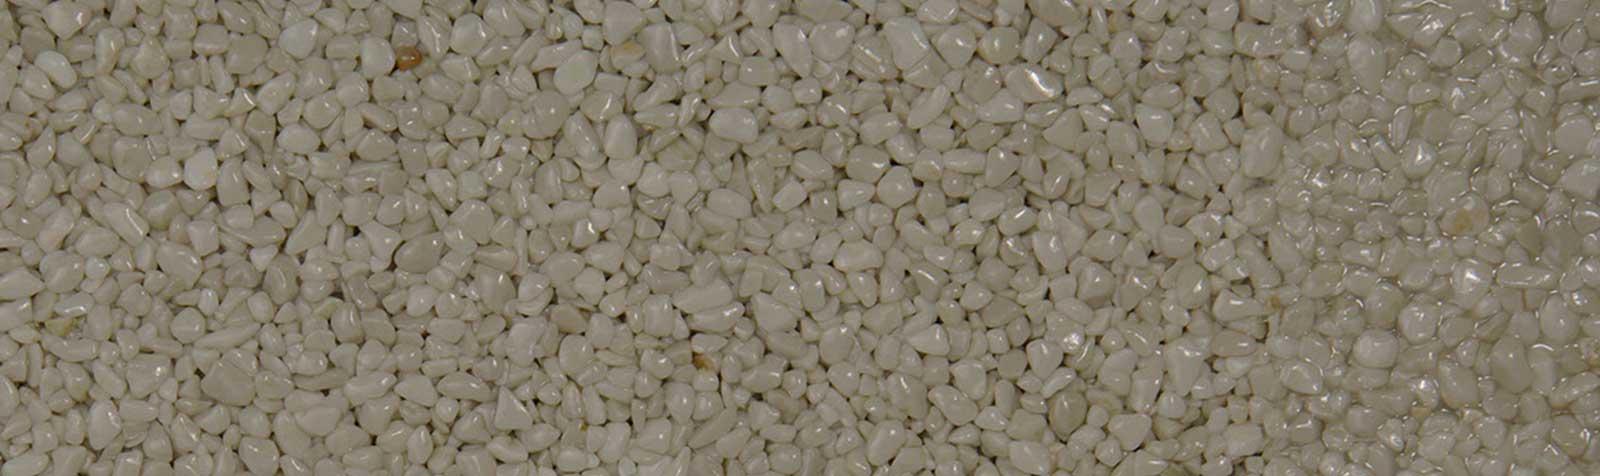 kamenny-koberec-mramorovy-botticino